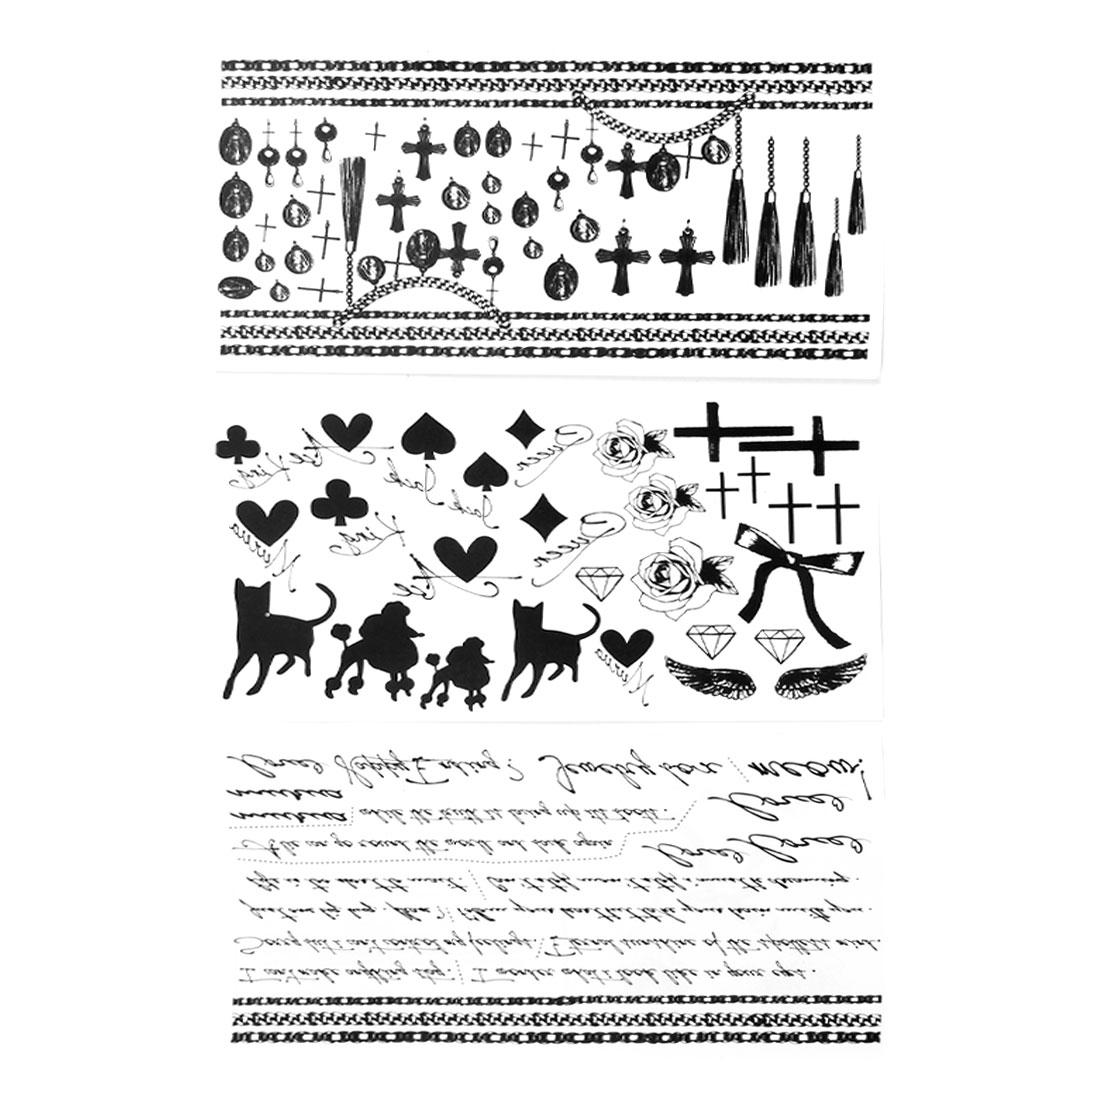 Skin Decor Black Flower Cross Heart Shape Pattern Transfer Tattoos Sticker 3 Pcs